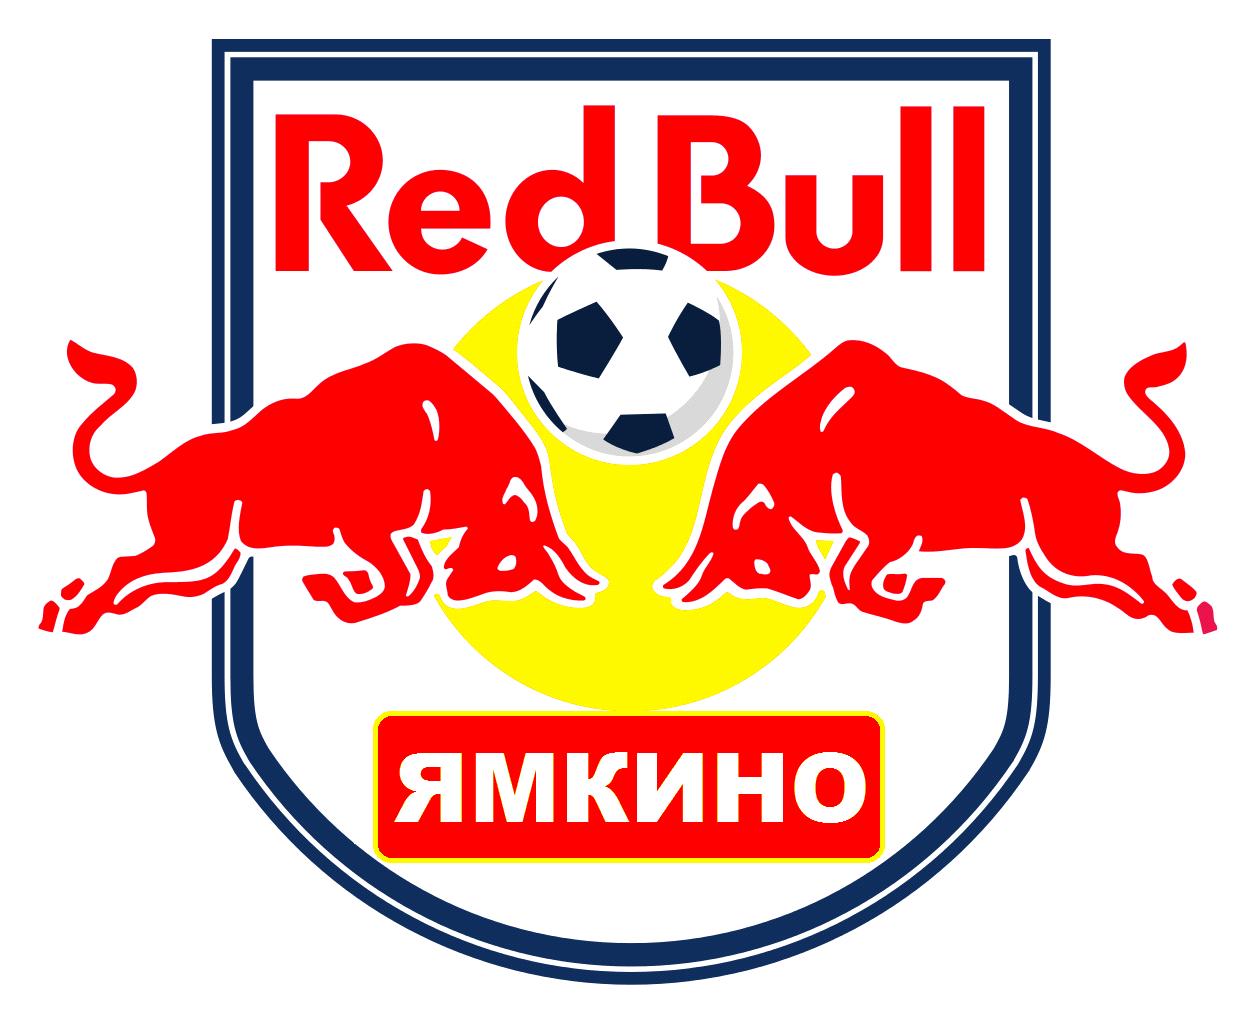 Ред Булл Ямкино